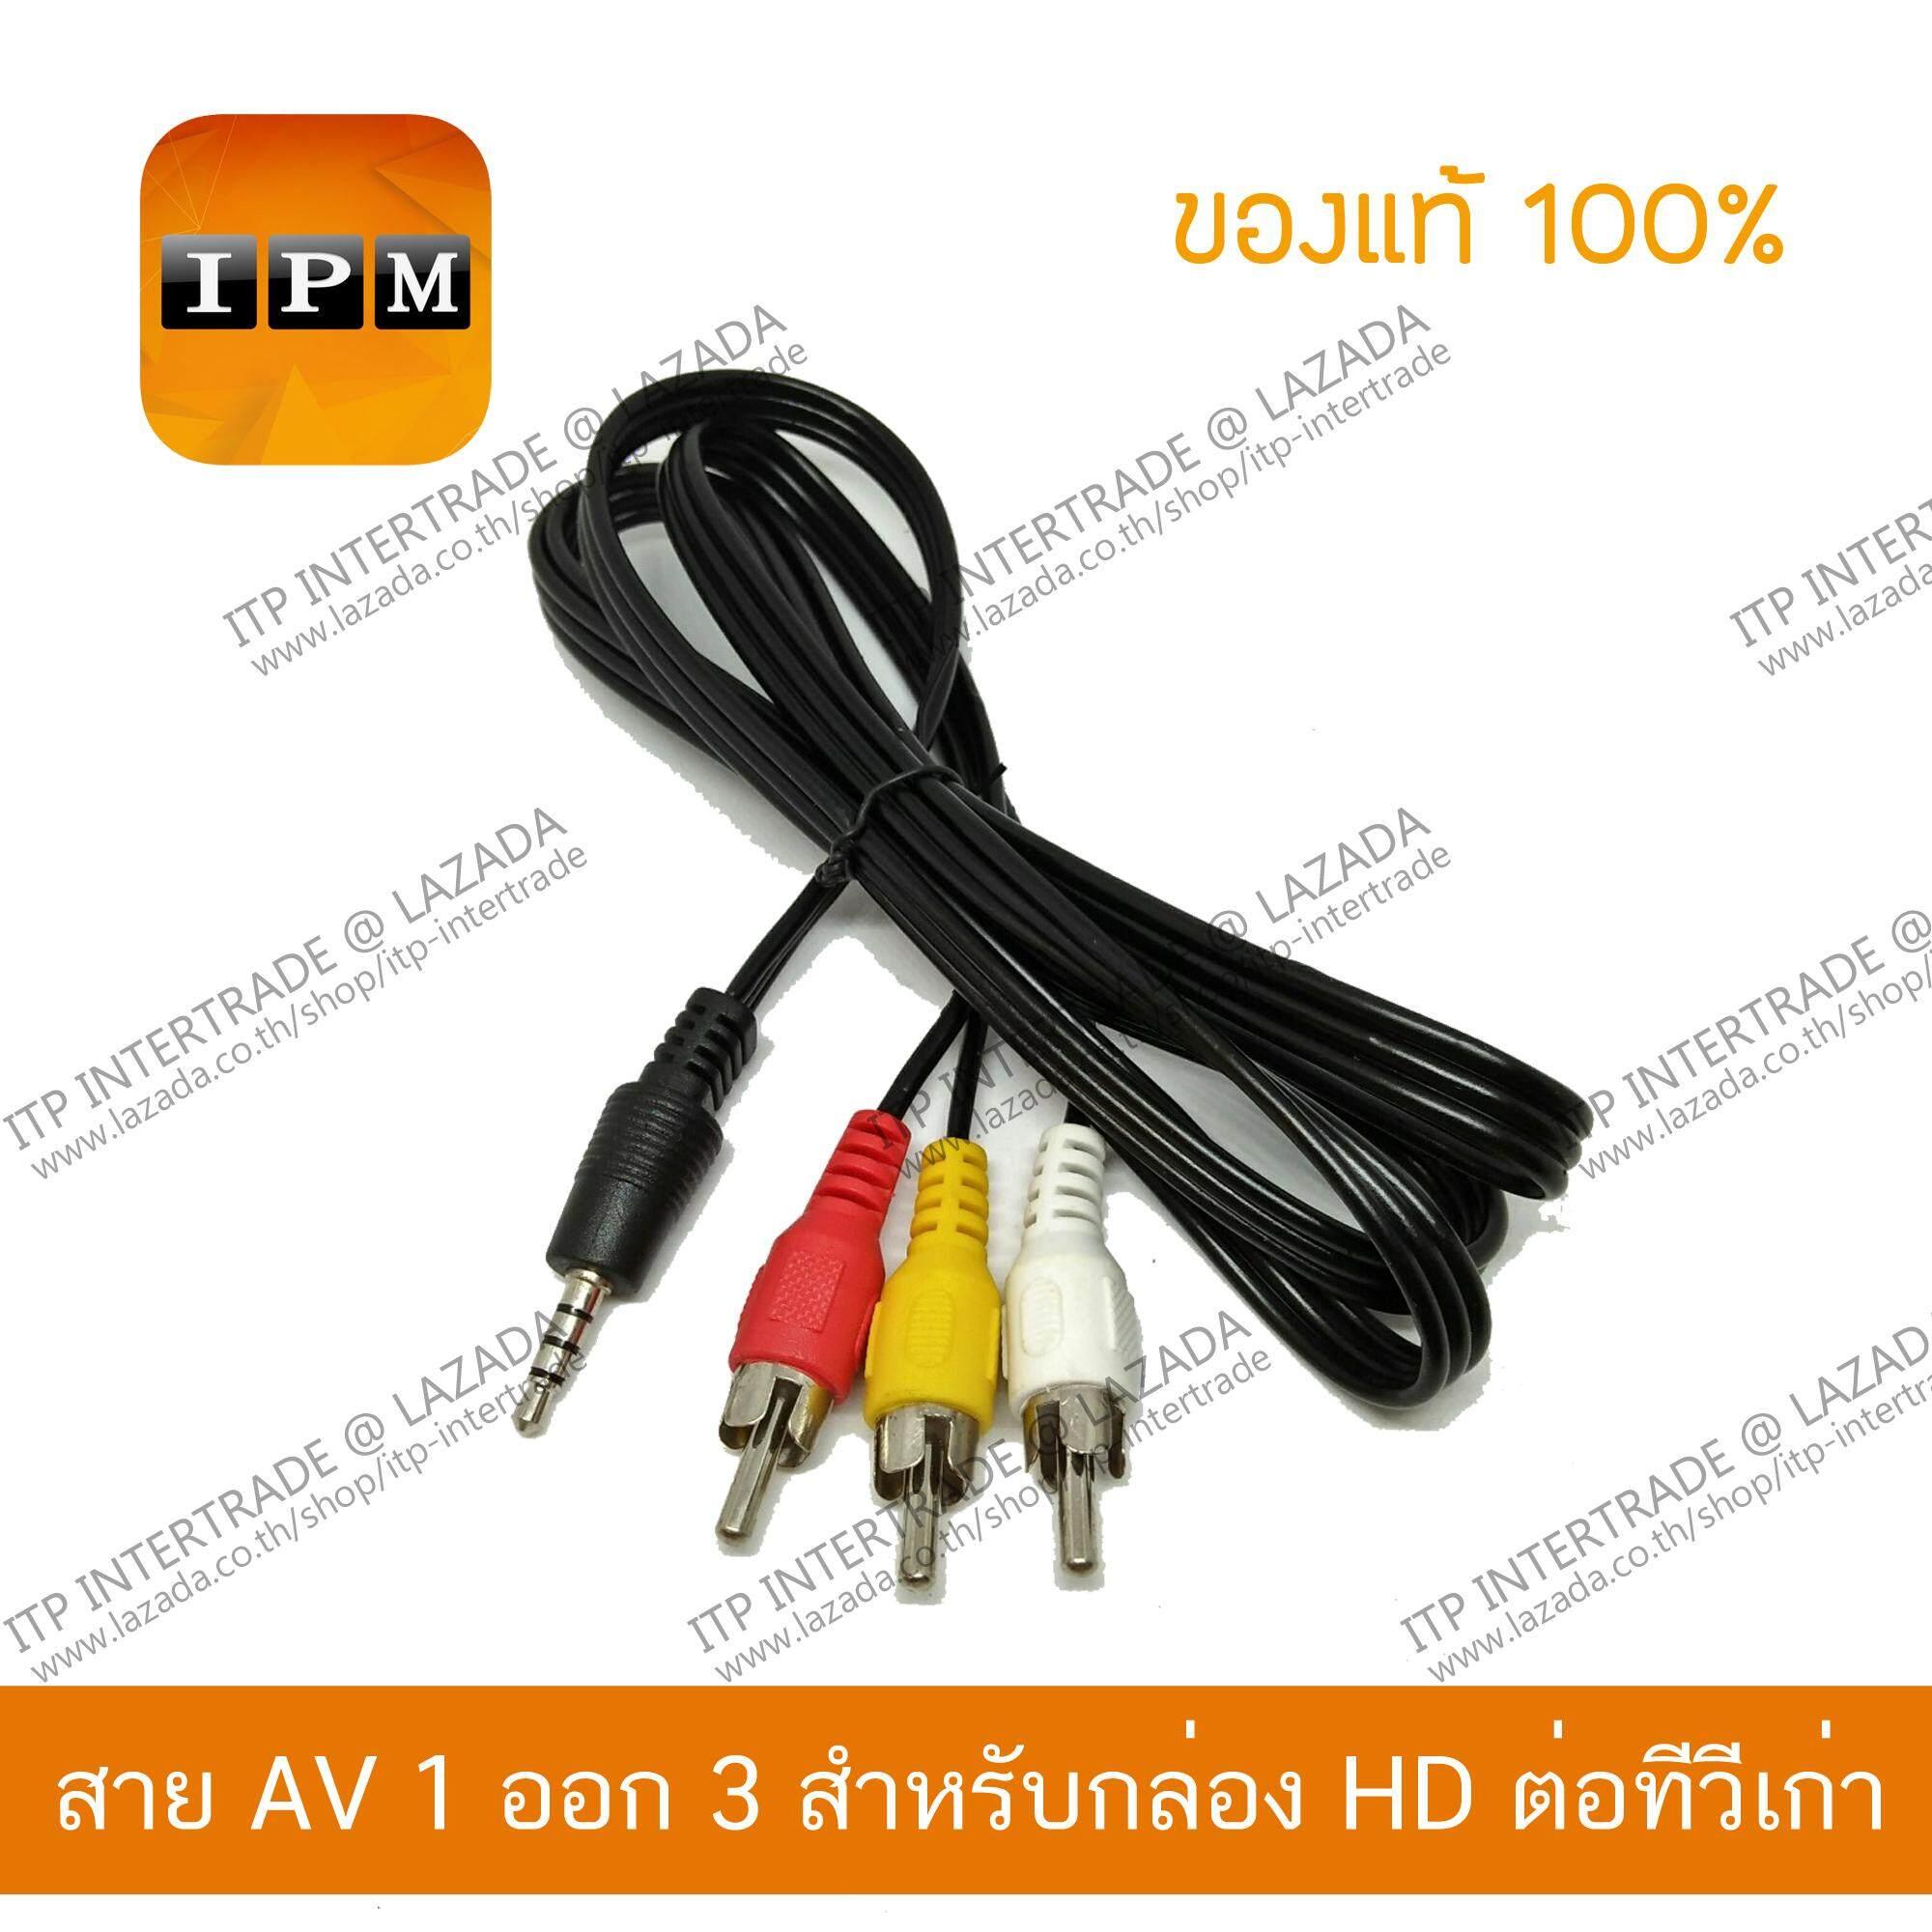 ขายดีมาก! IPM สาย AV 1 out 3 สำหรับกล่องรับสัญญาณ IPM HD  PSI S3 Hybrid ความยาว 1.2 เมตร (ส่ง kerry ฟรี)